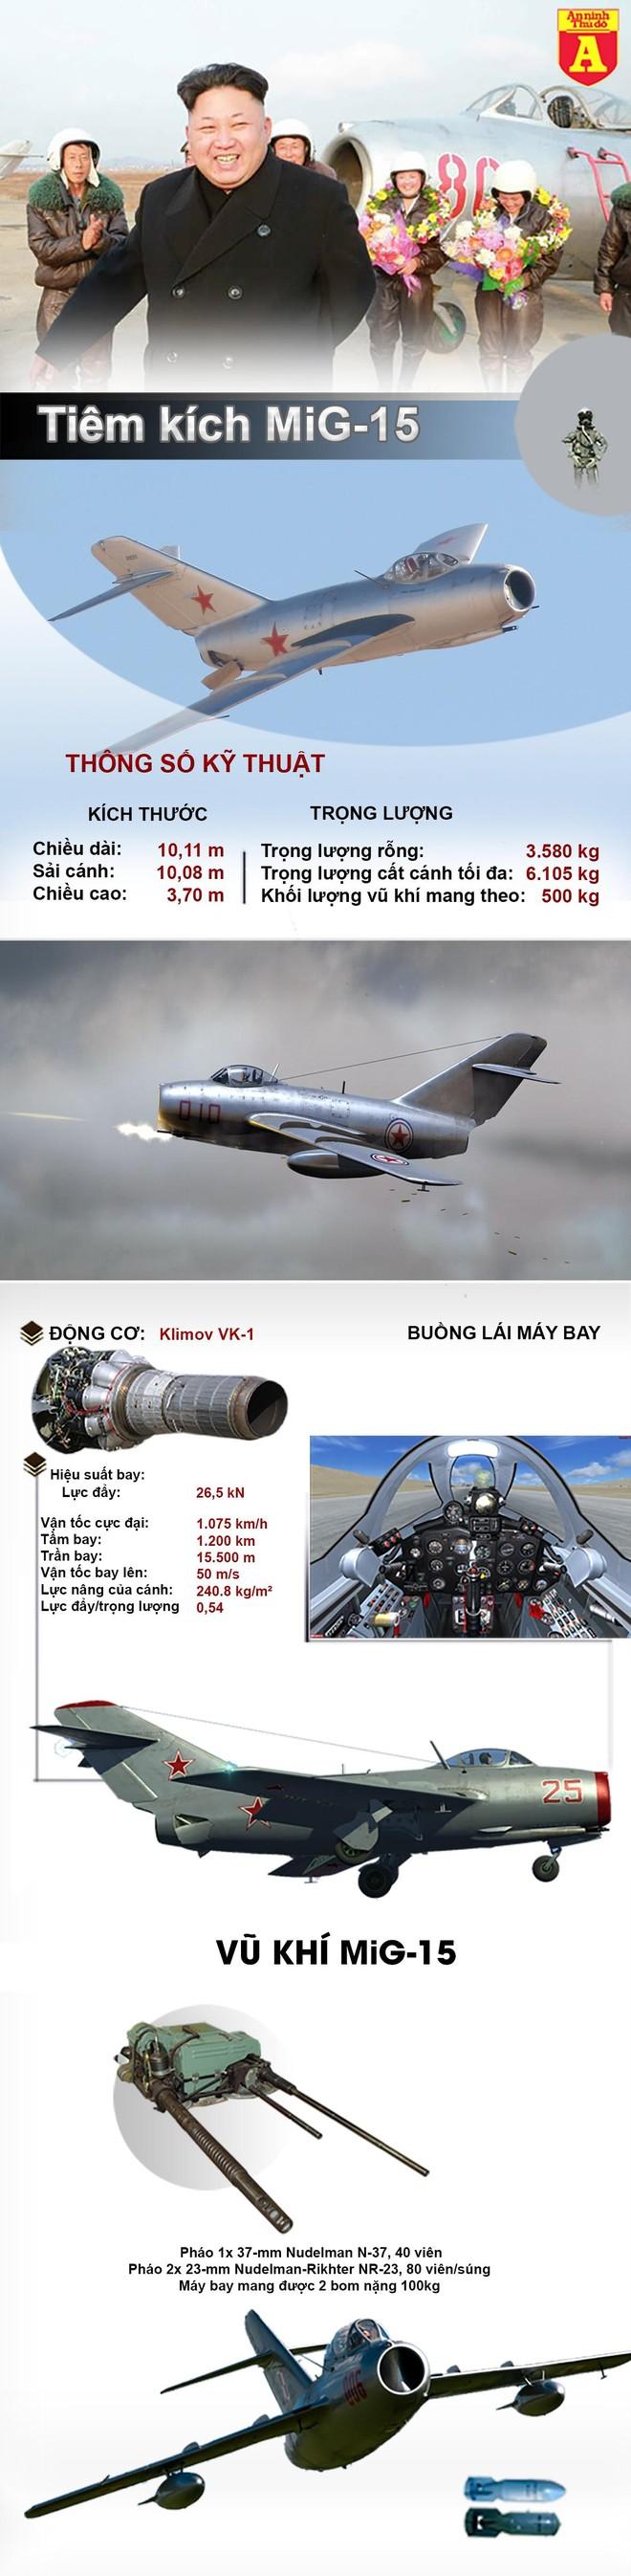 [Info] Bất ngờ phi đội 34 chiếc MiG-15 của Triều Tiên vẫn đang hoạt động sau 70 năm ra đời ảnh 2